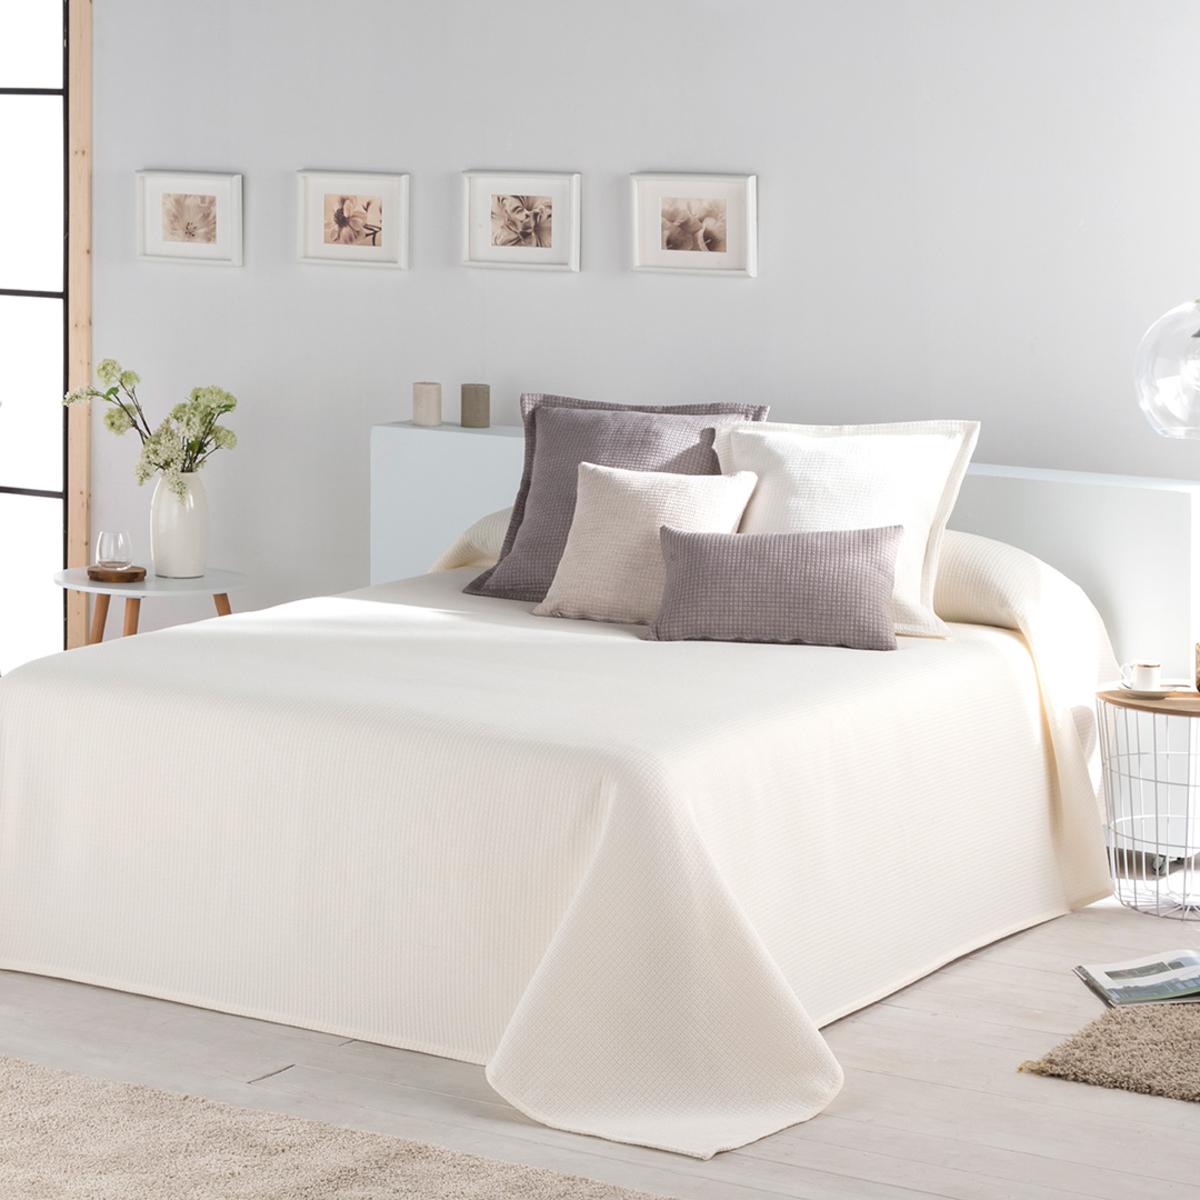 Couvre lit en coton naturel 180x270